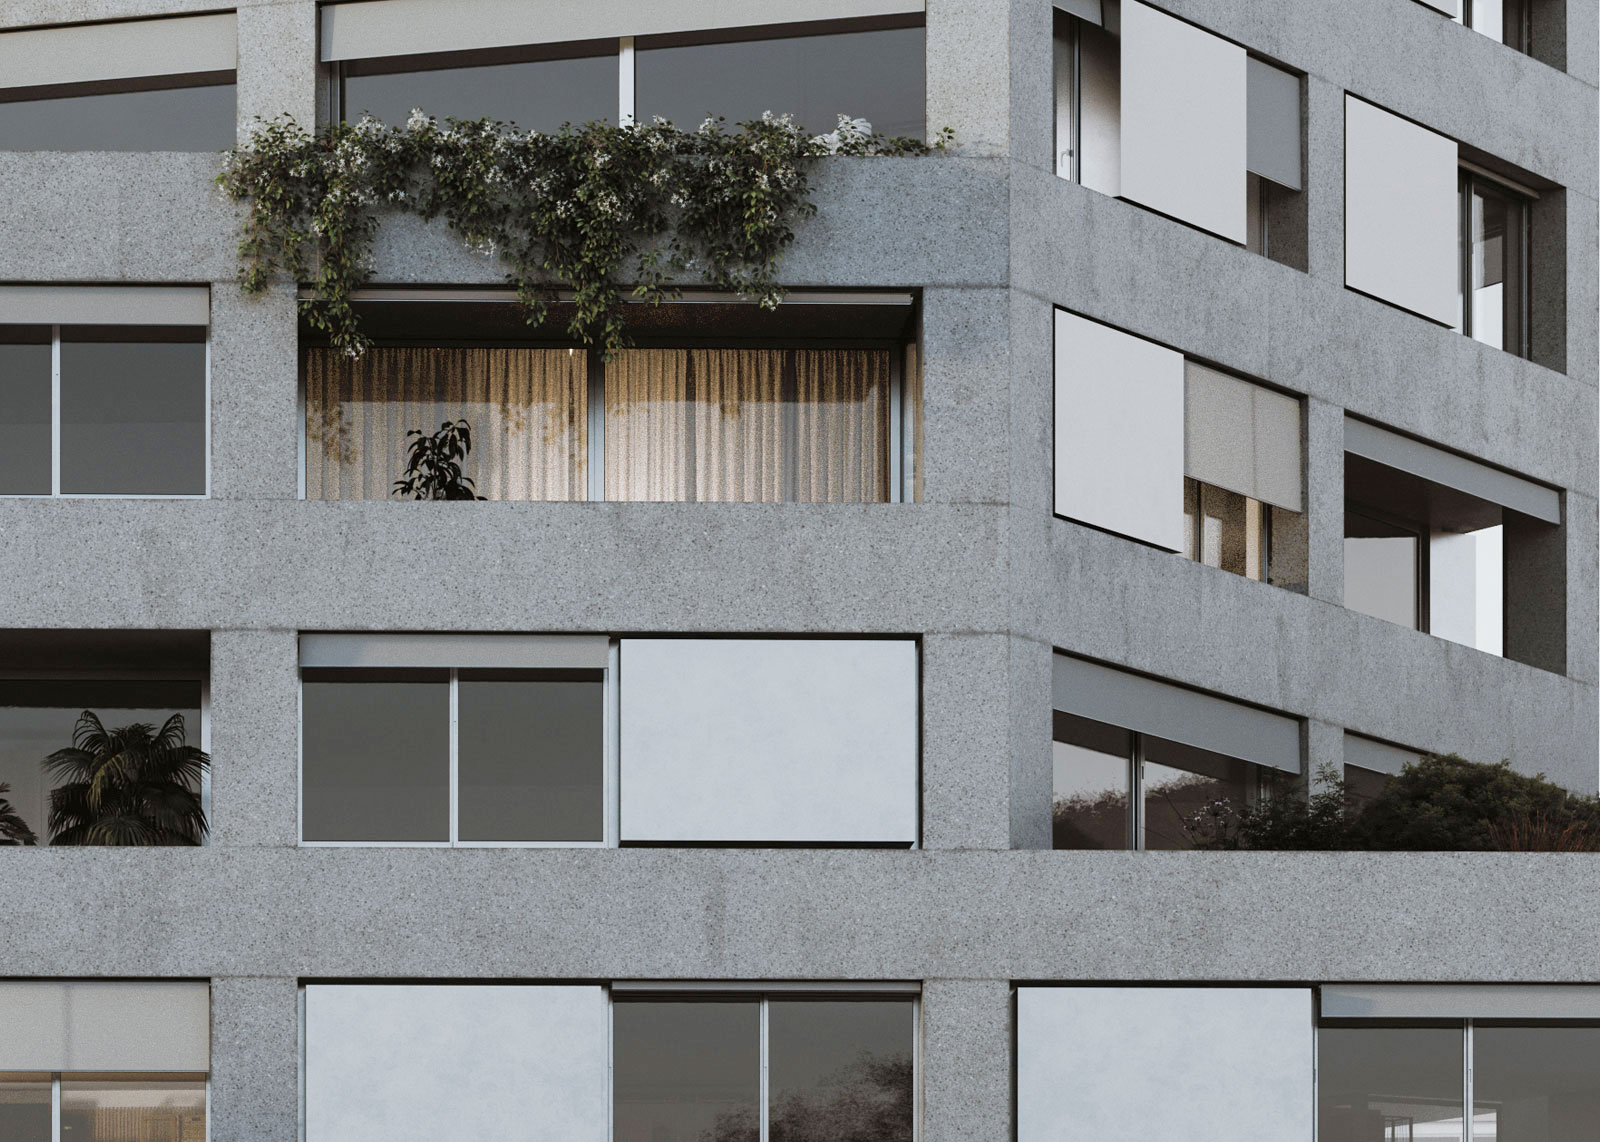 Campus Grand Parc - heros architecture logements collectifs villejuif architecte parisien paris immeuble d'habitations campus grand parc